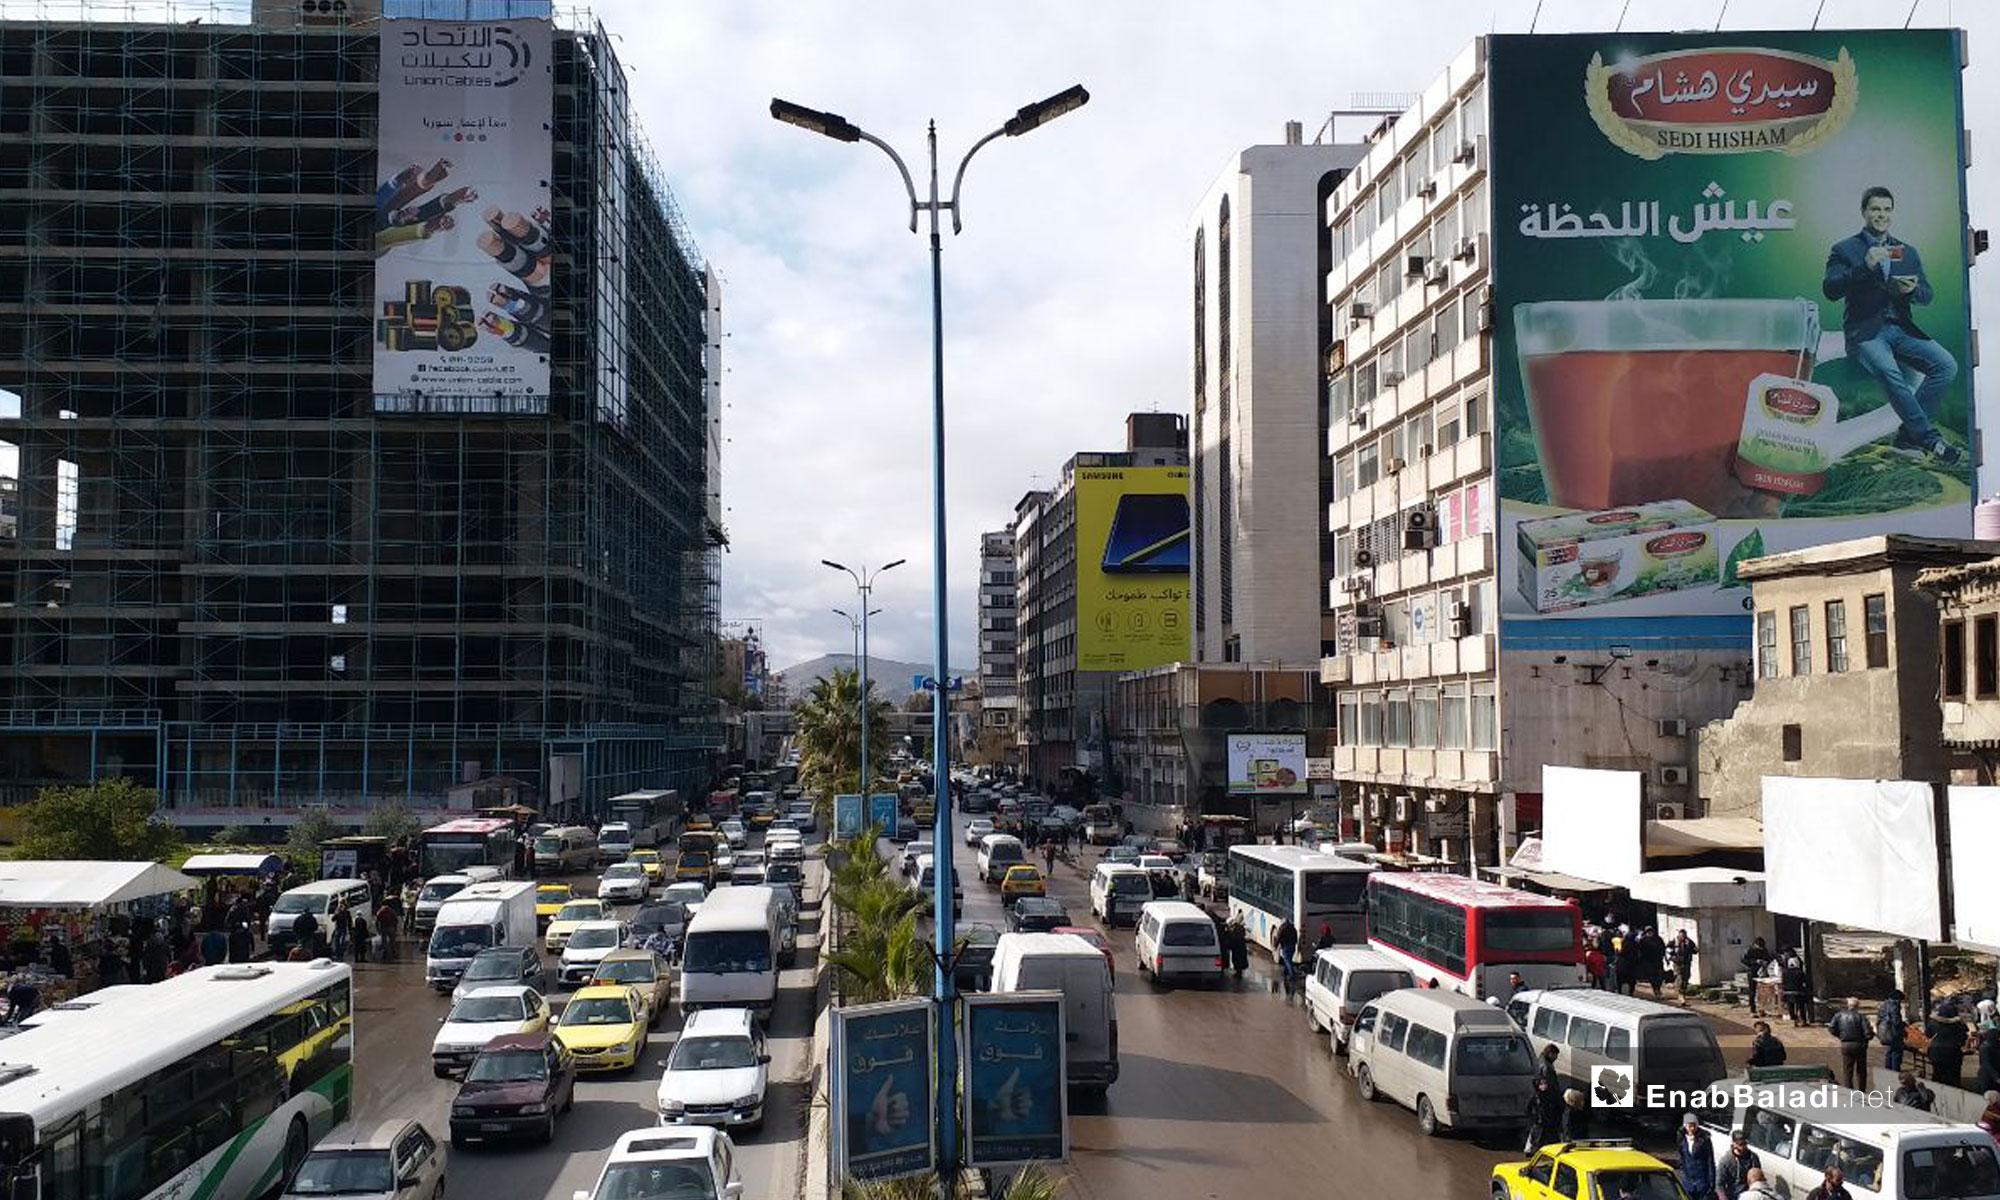 شارع الثورة وسط العاصمة دمشق - 14 من كانون الثاني 2019 (عنب بلدي)